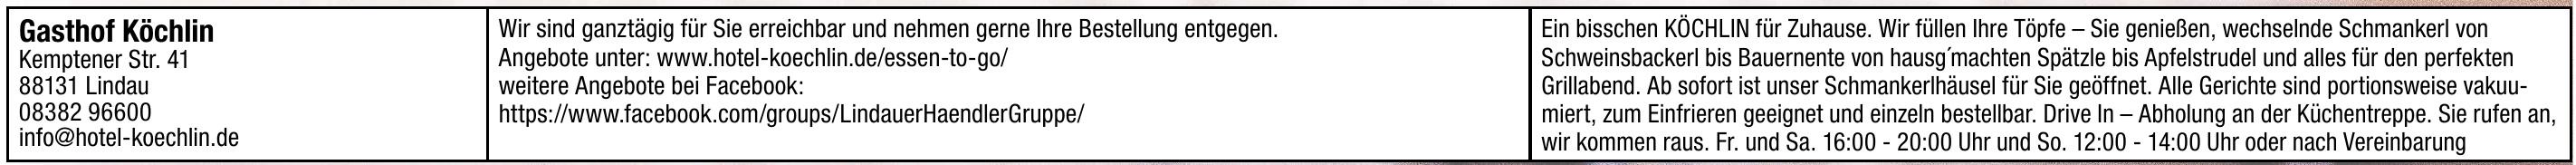 Gasthof Köchlin